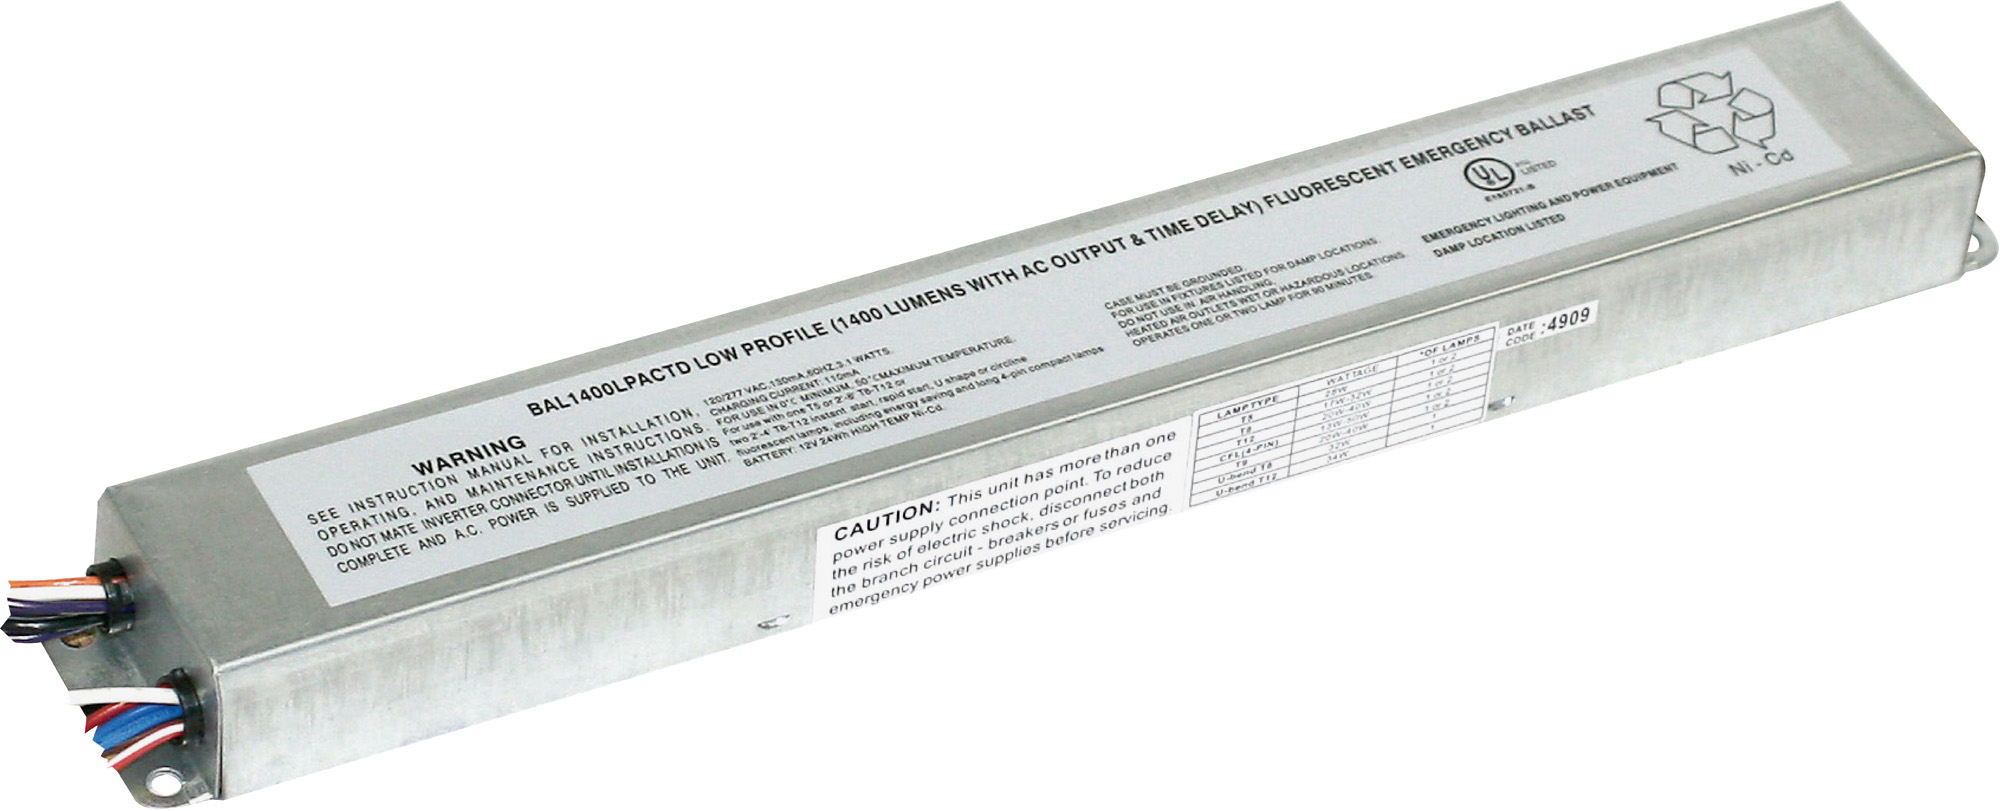 BAL1400-LPACTD